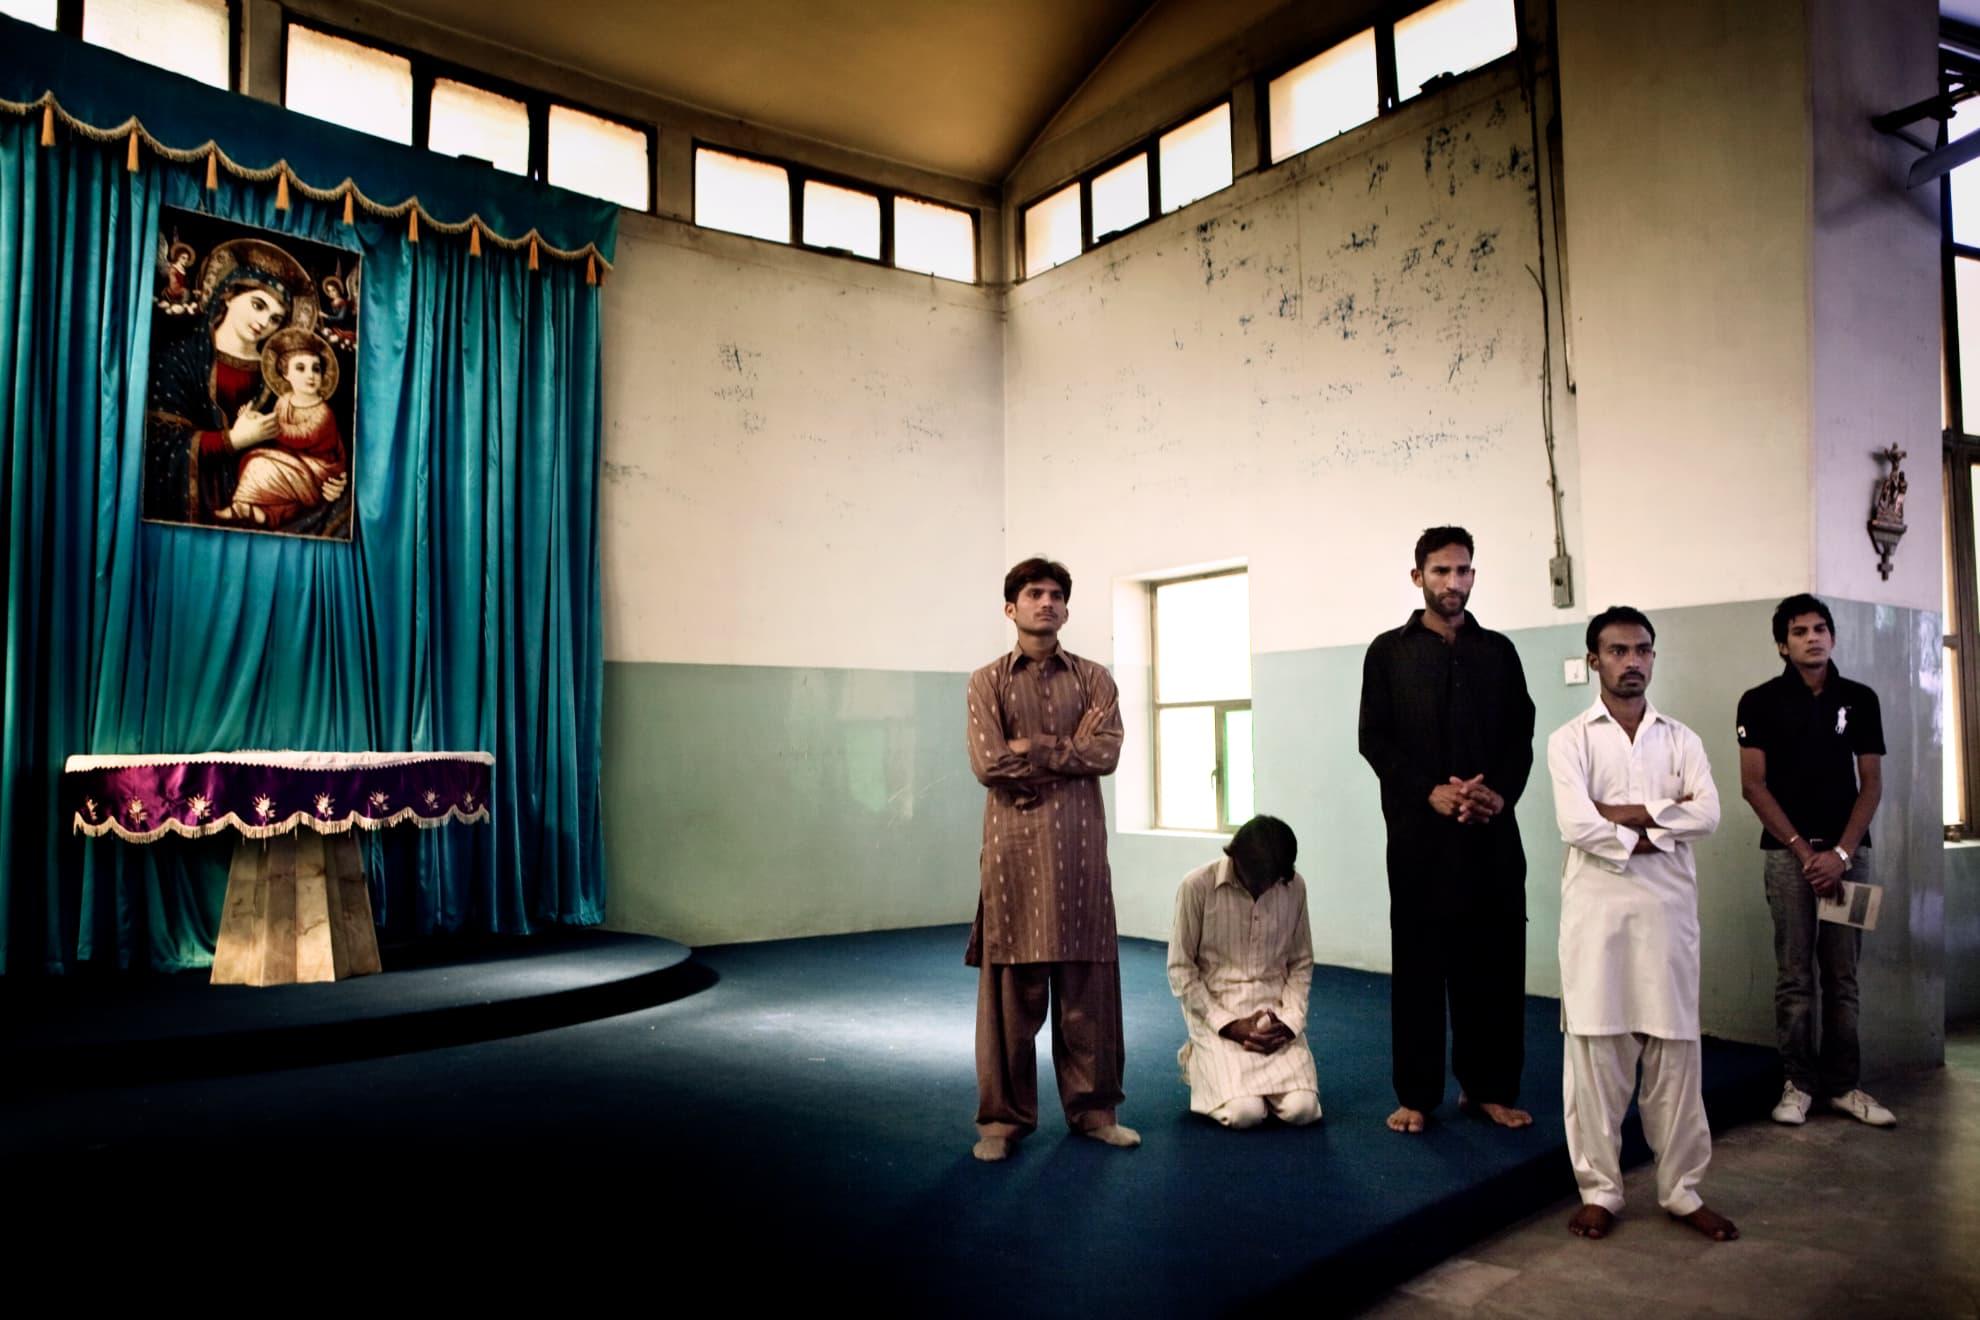 """Faisalabad, Pakistán. El Vía Crucis de la catedral San Pedro y Pablo, en Faisalabad. La Charía islámica ha supuesto una fuerte discriminación para la minoría cristiana. El principal problema es que la ley condena la blasfemia. Cualquier controversia entre cristianos y musulmanes suele acabar con los musulmanes acusando al otro """"bando"""" de este tipo de delito, por el que se puede acabar condenado con la pena capital, solo con el testimonio de un único testigo."""